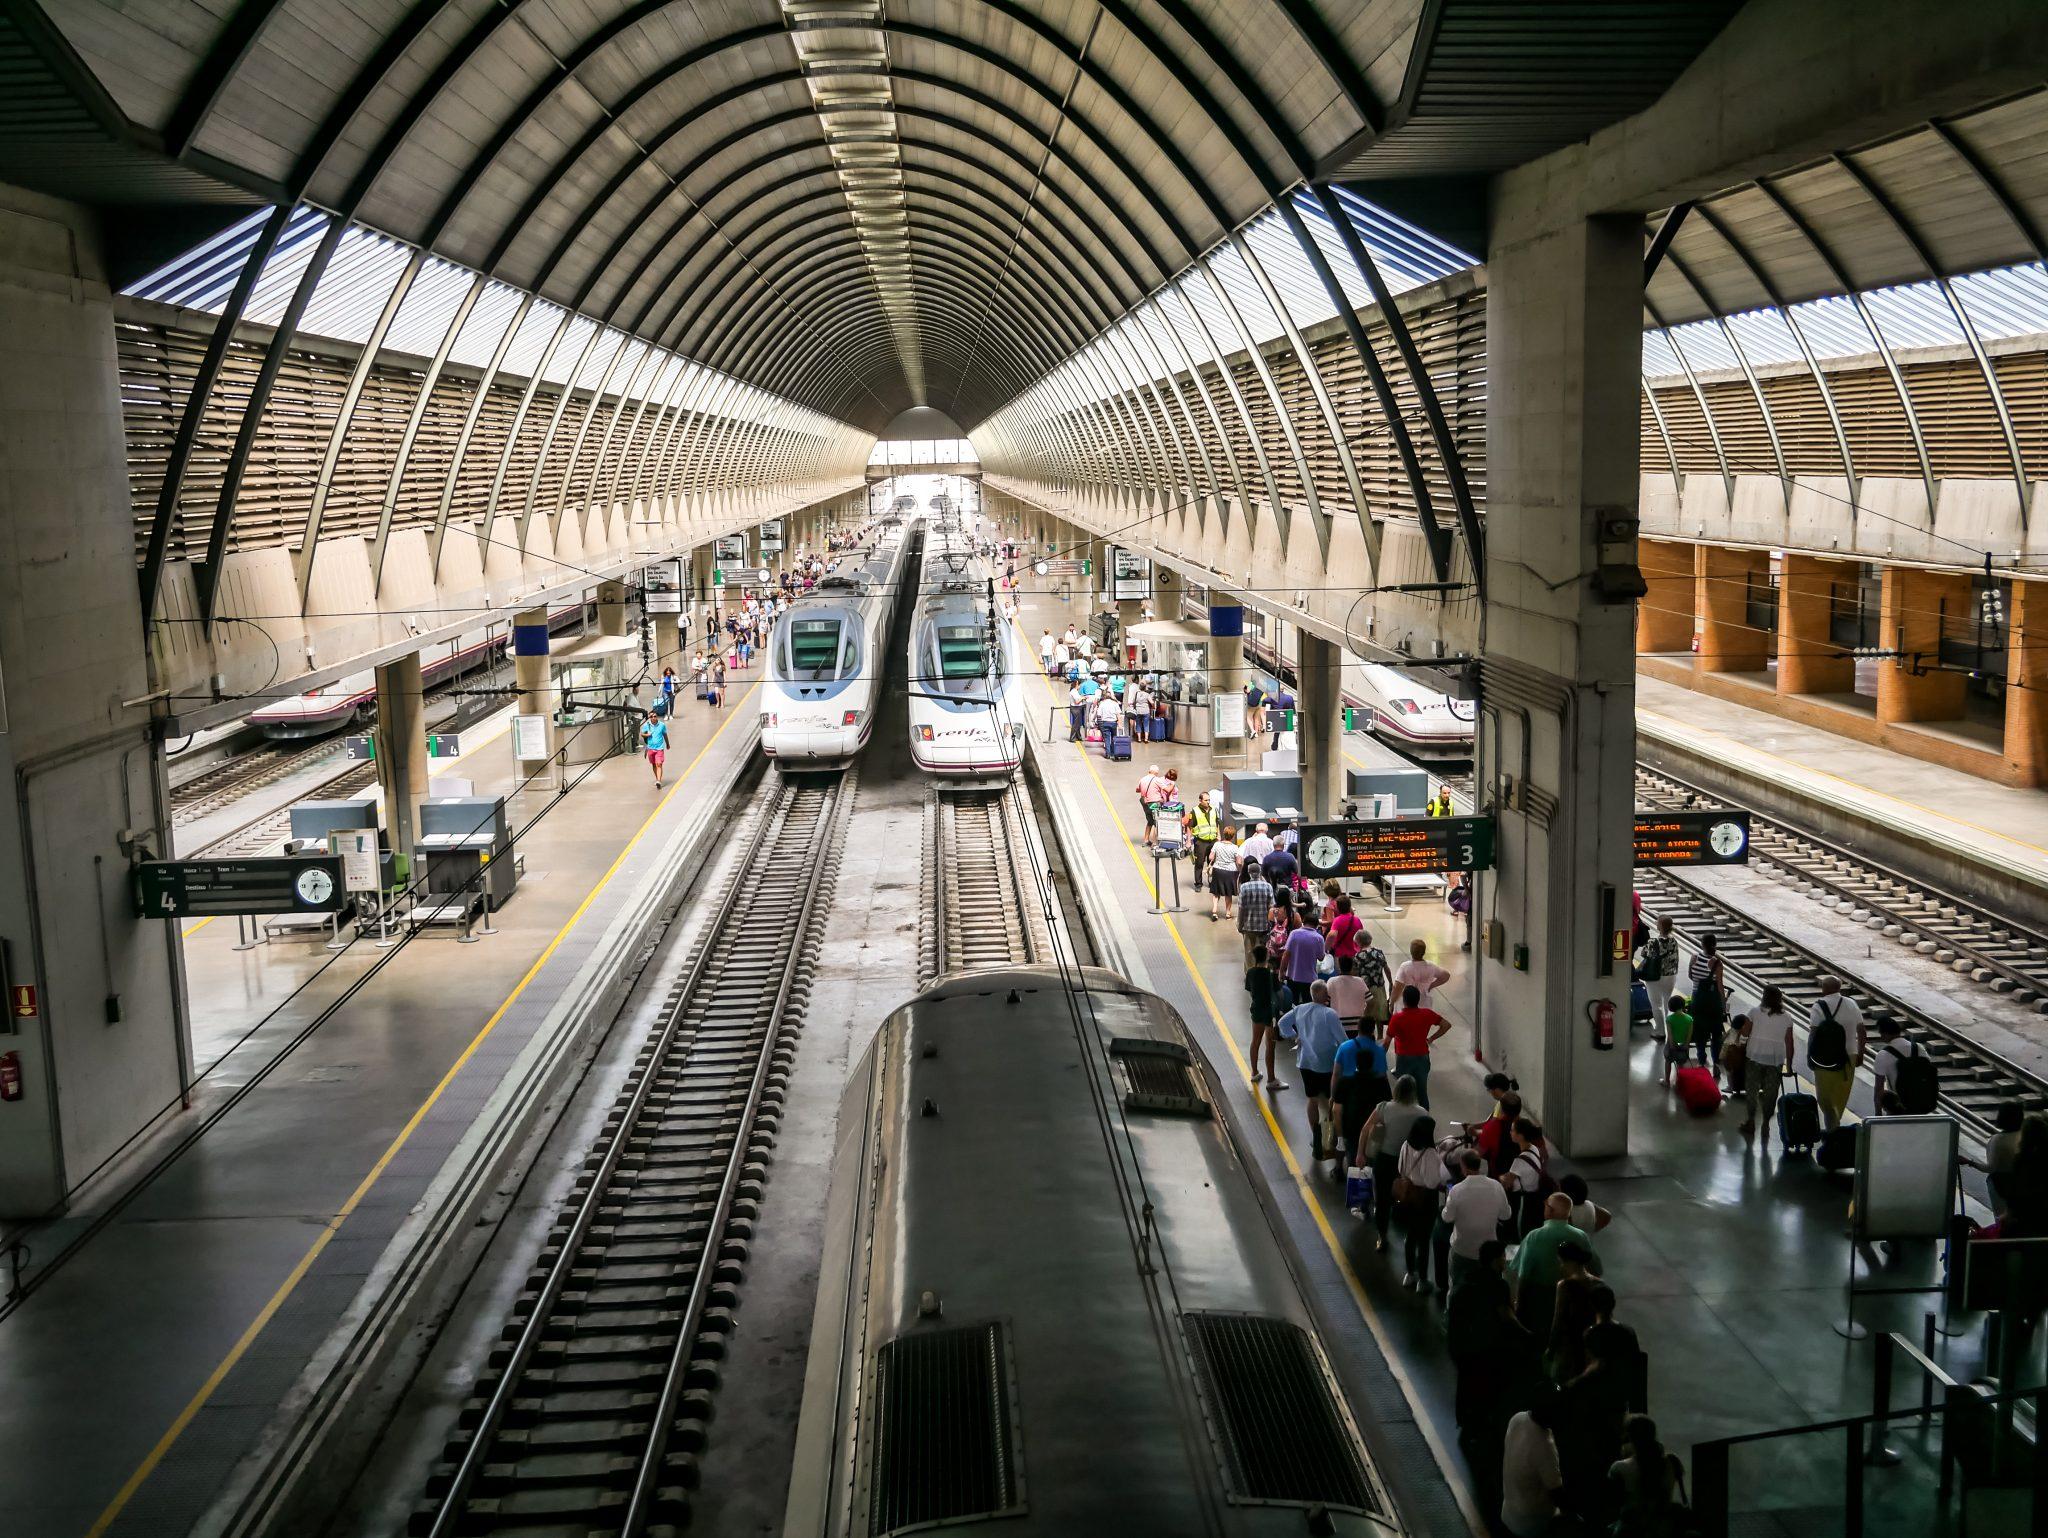 So sehen die Gleise des Hauptbahnhofs Sevilla Santa Justa aus.